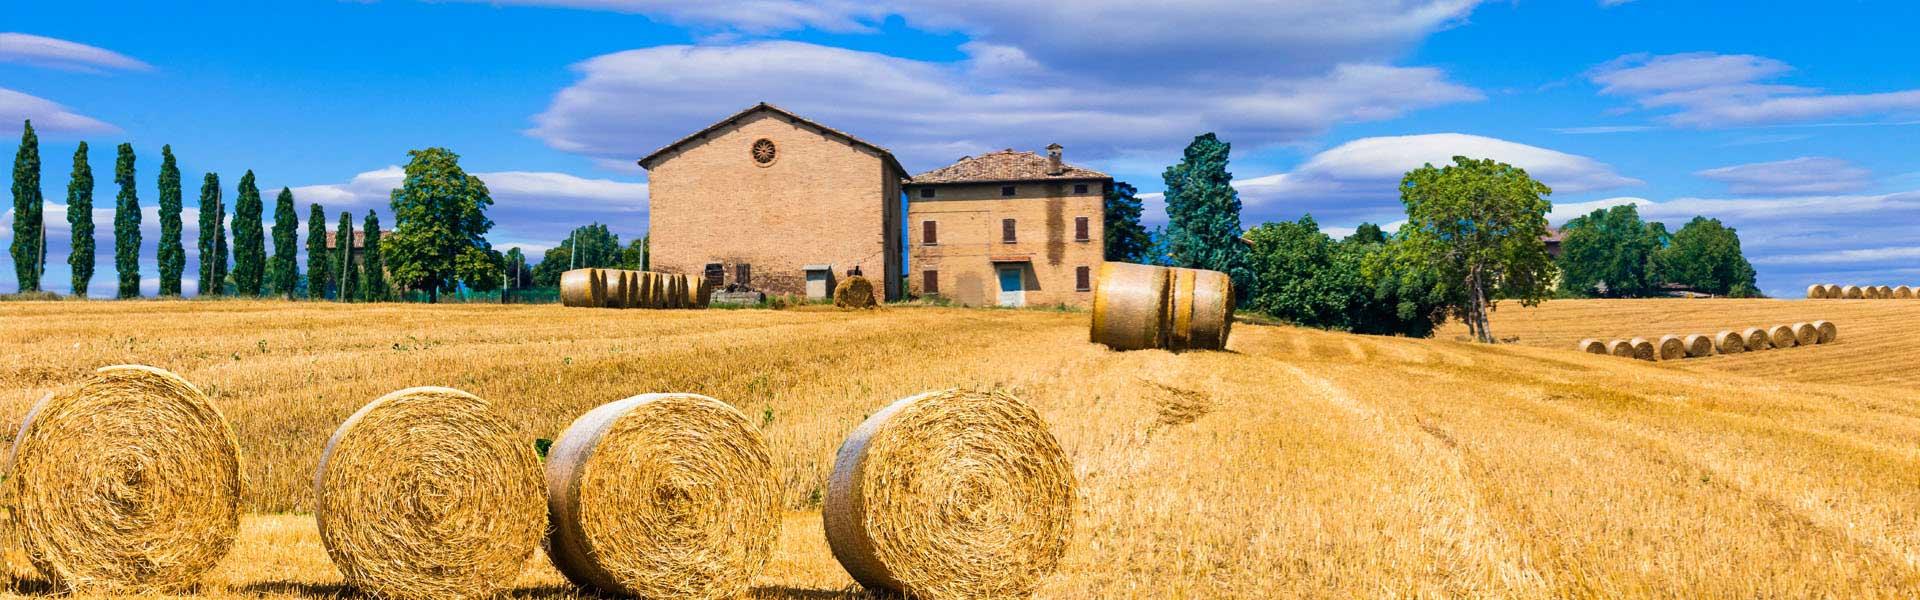 Strohballen in der Toskana